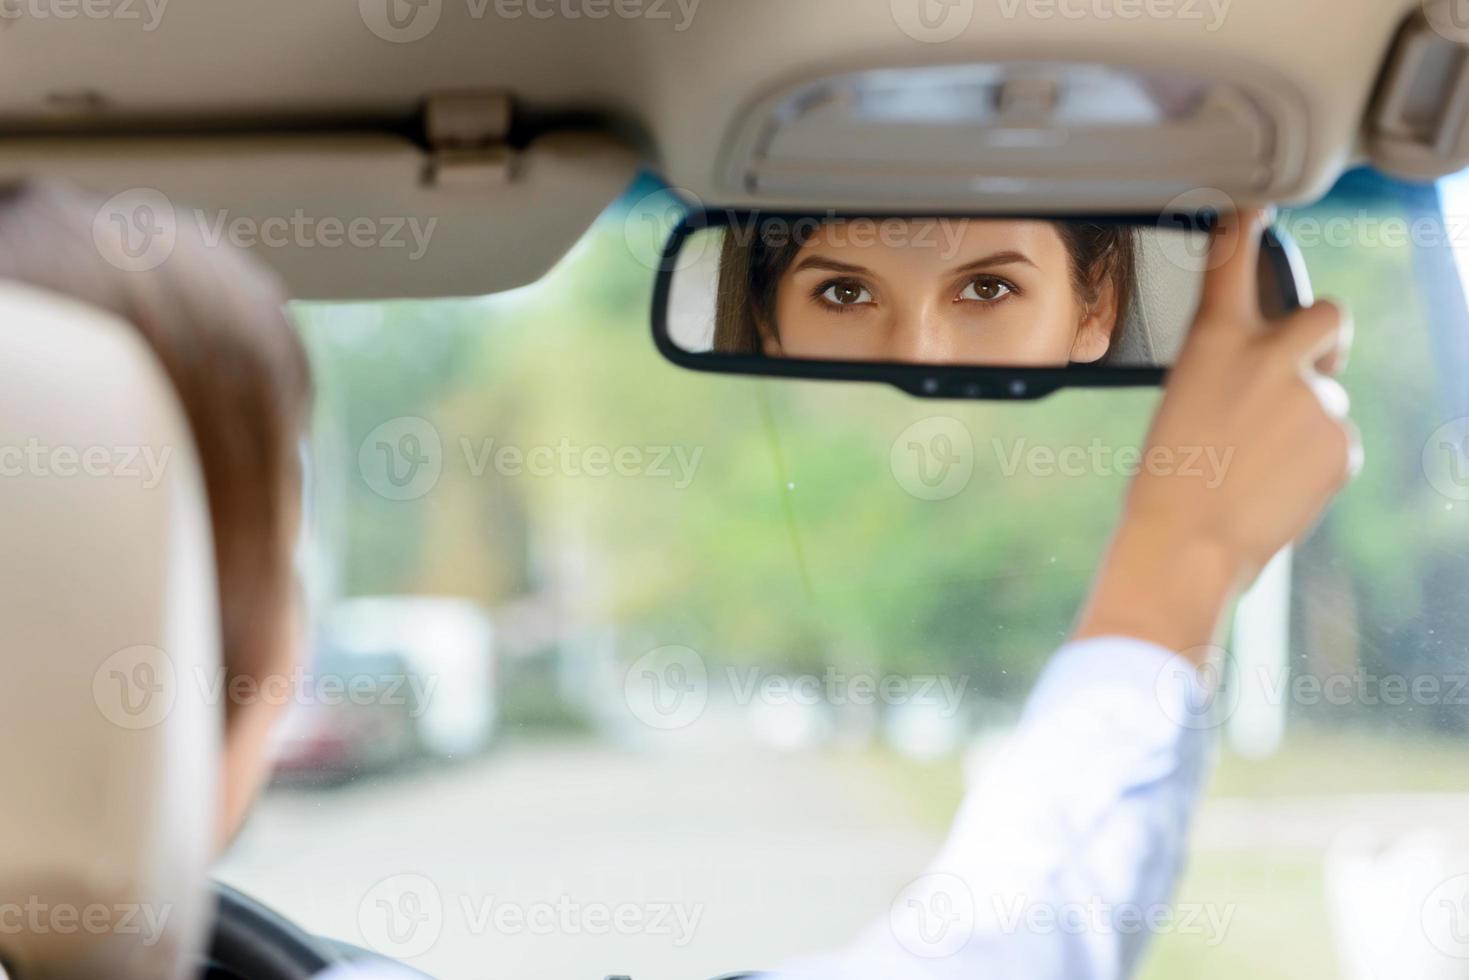 piacevole ragazza alla guida di un'auto foto